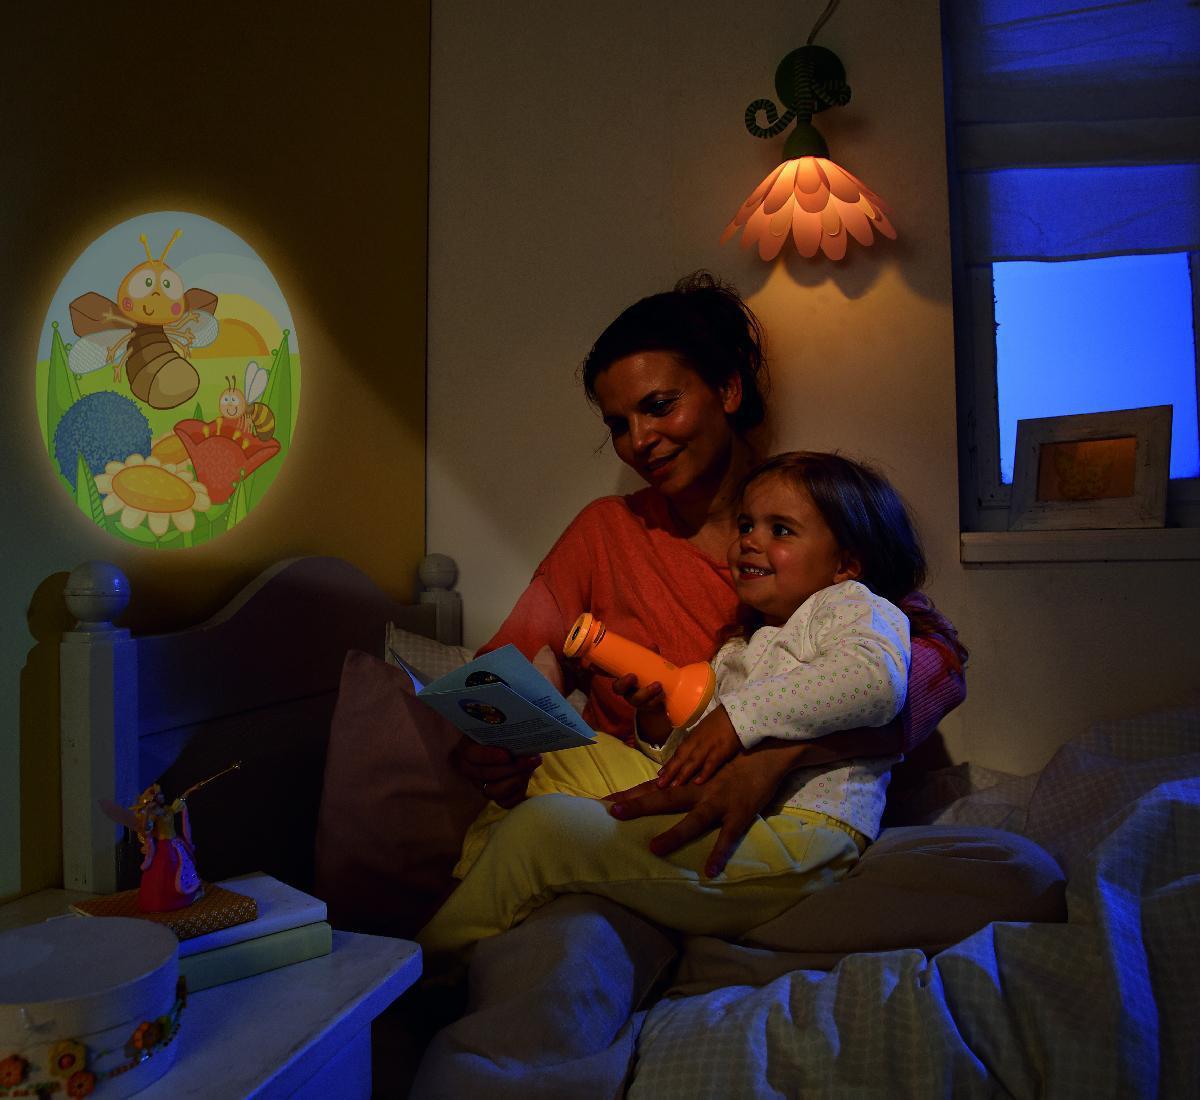 haba taschenlampen projektor gl hw rmchen neu im. Black Bedroom Furniture Sets. Home Design Ideas